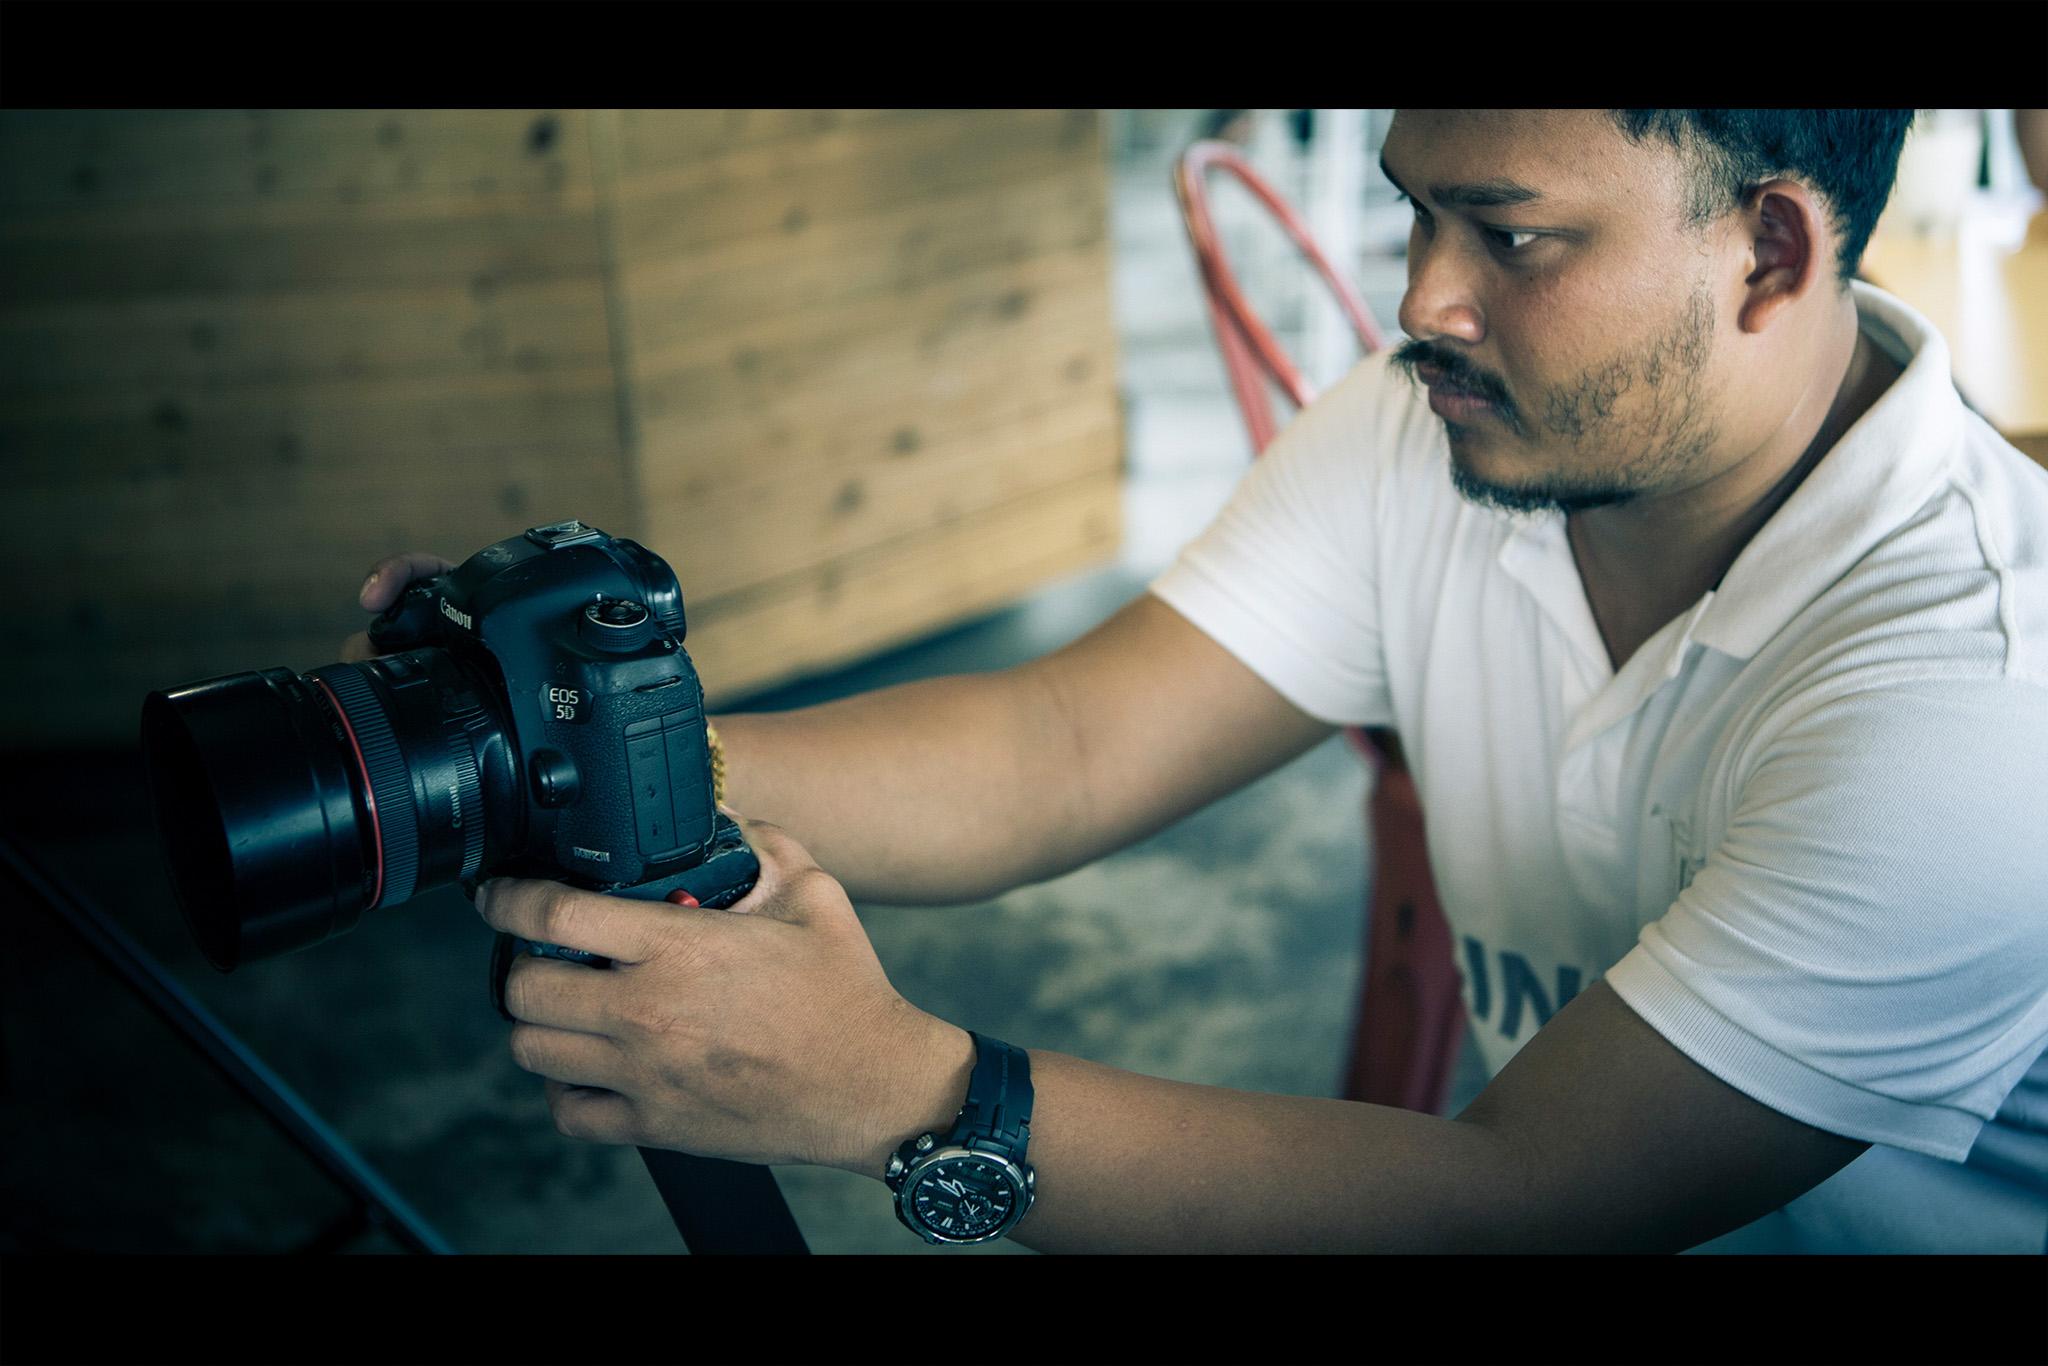 เบื้องหลังการถ่ายทำ Kultida Suriya พยาบาลวิชาชีพ หัวหน้าWard 7A โรงพยาบาลกรุงเทพภูเก็ต